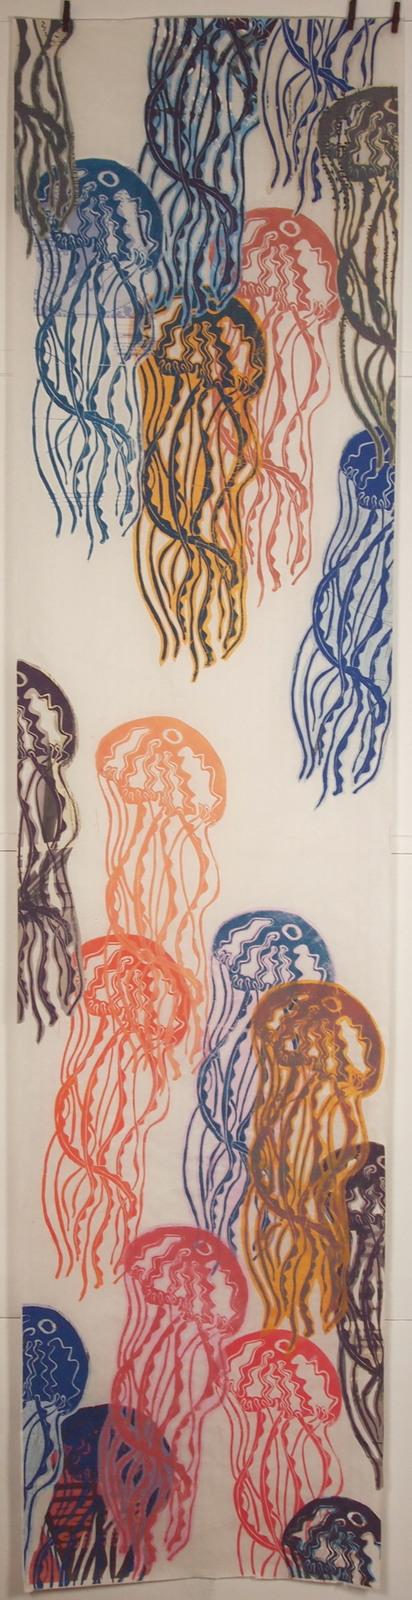 les méduses 35x200cm papier wenzhou- impressions et collages -non disponible - juin 2011